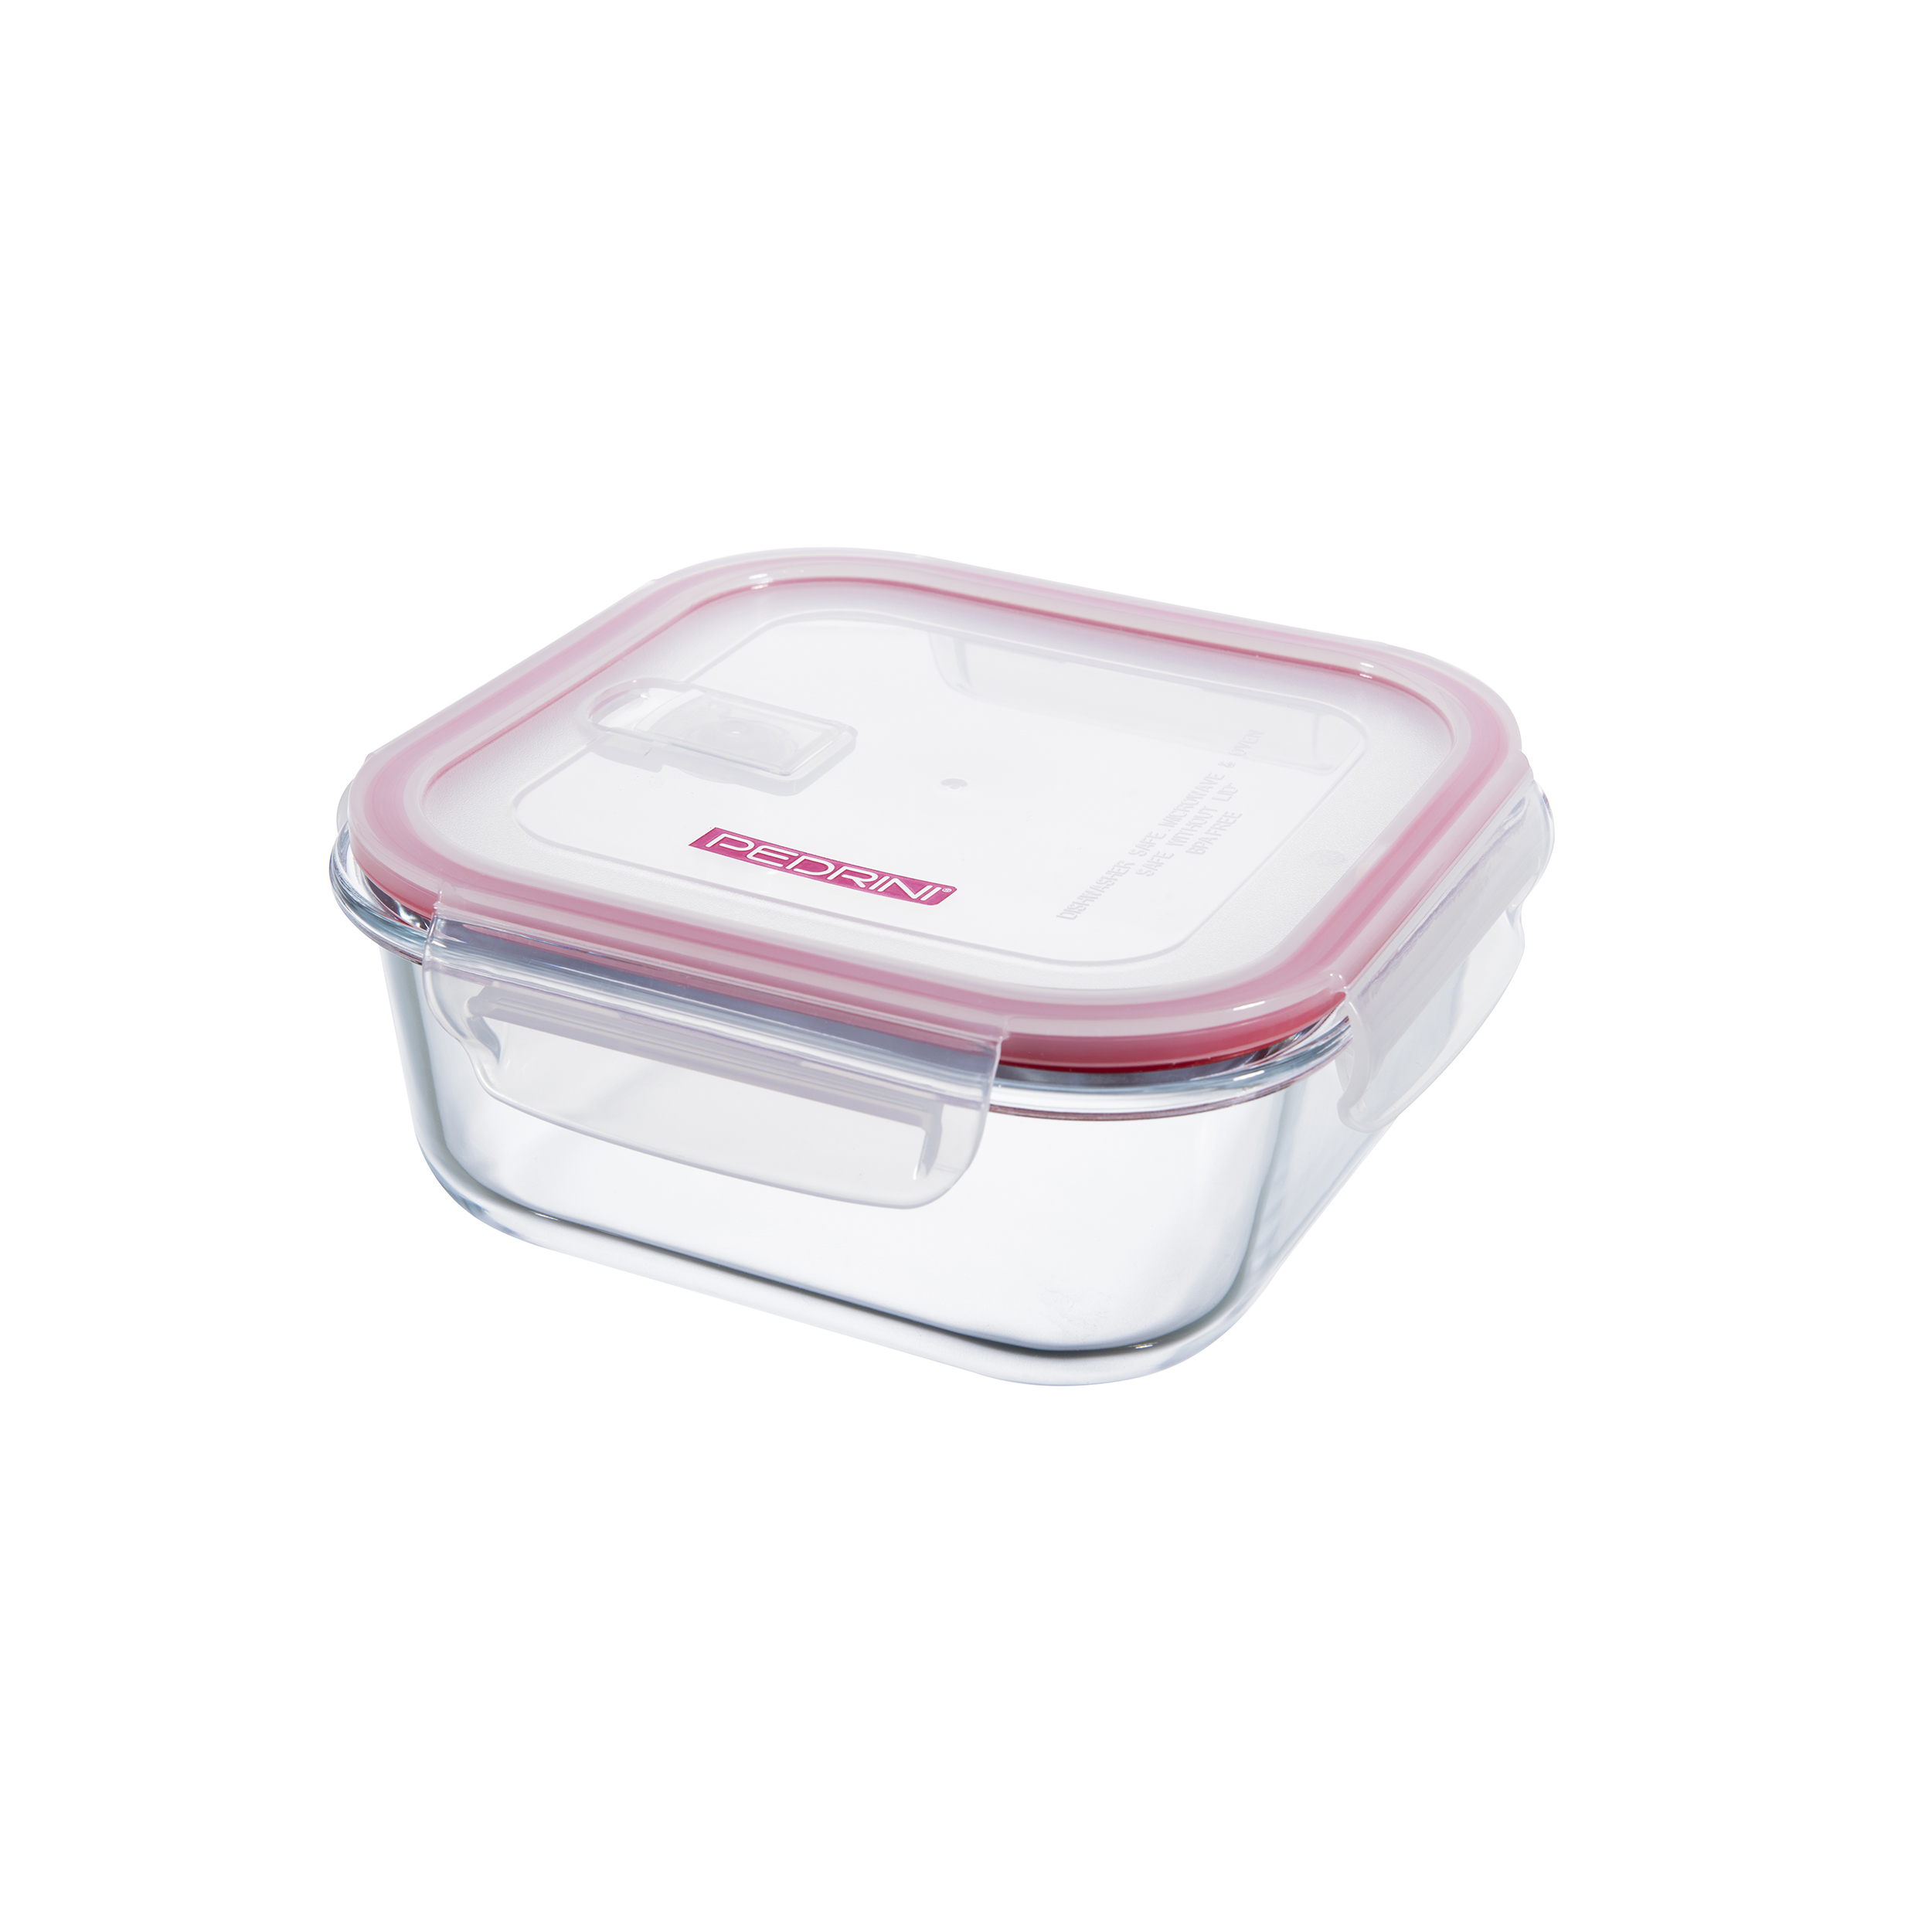 04GD223-contenitore-vetro-frigo-ermetico-pedrini